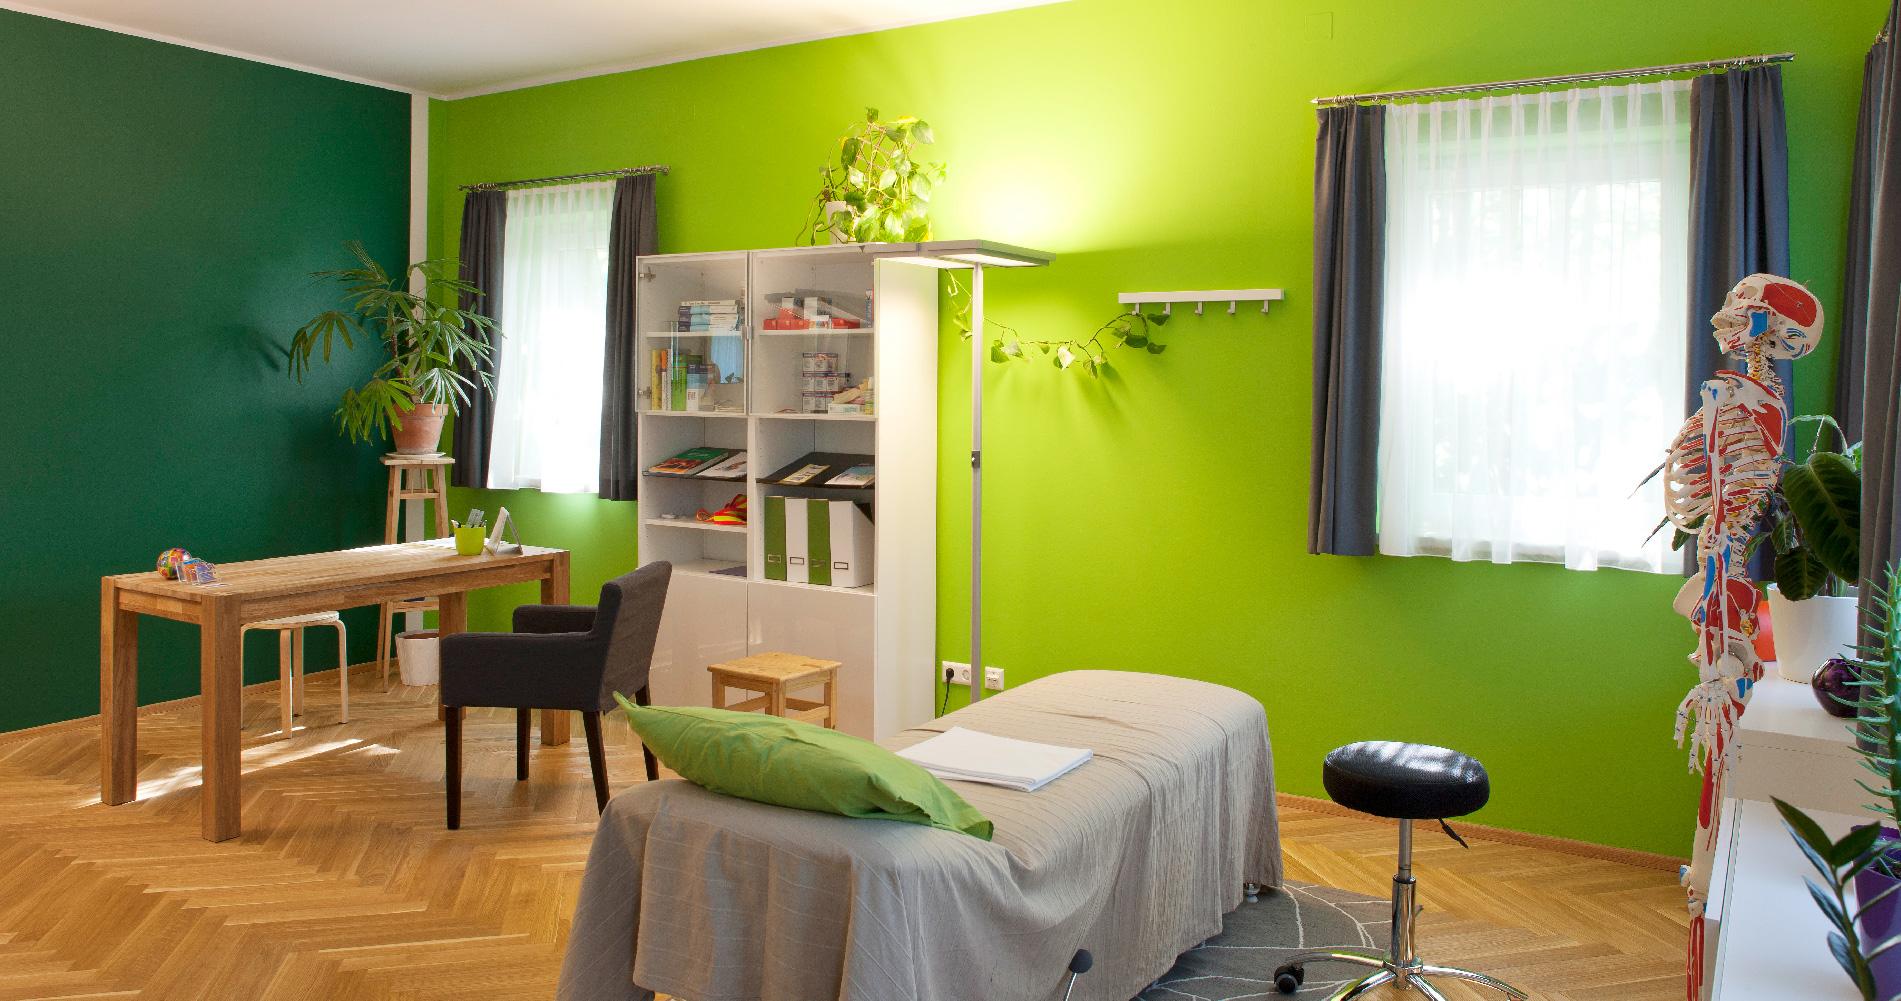 referenzprojekte wandheizung und wandk hlung verputzt. Black Bedroom Furniture Sets. Home Design Ideas